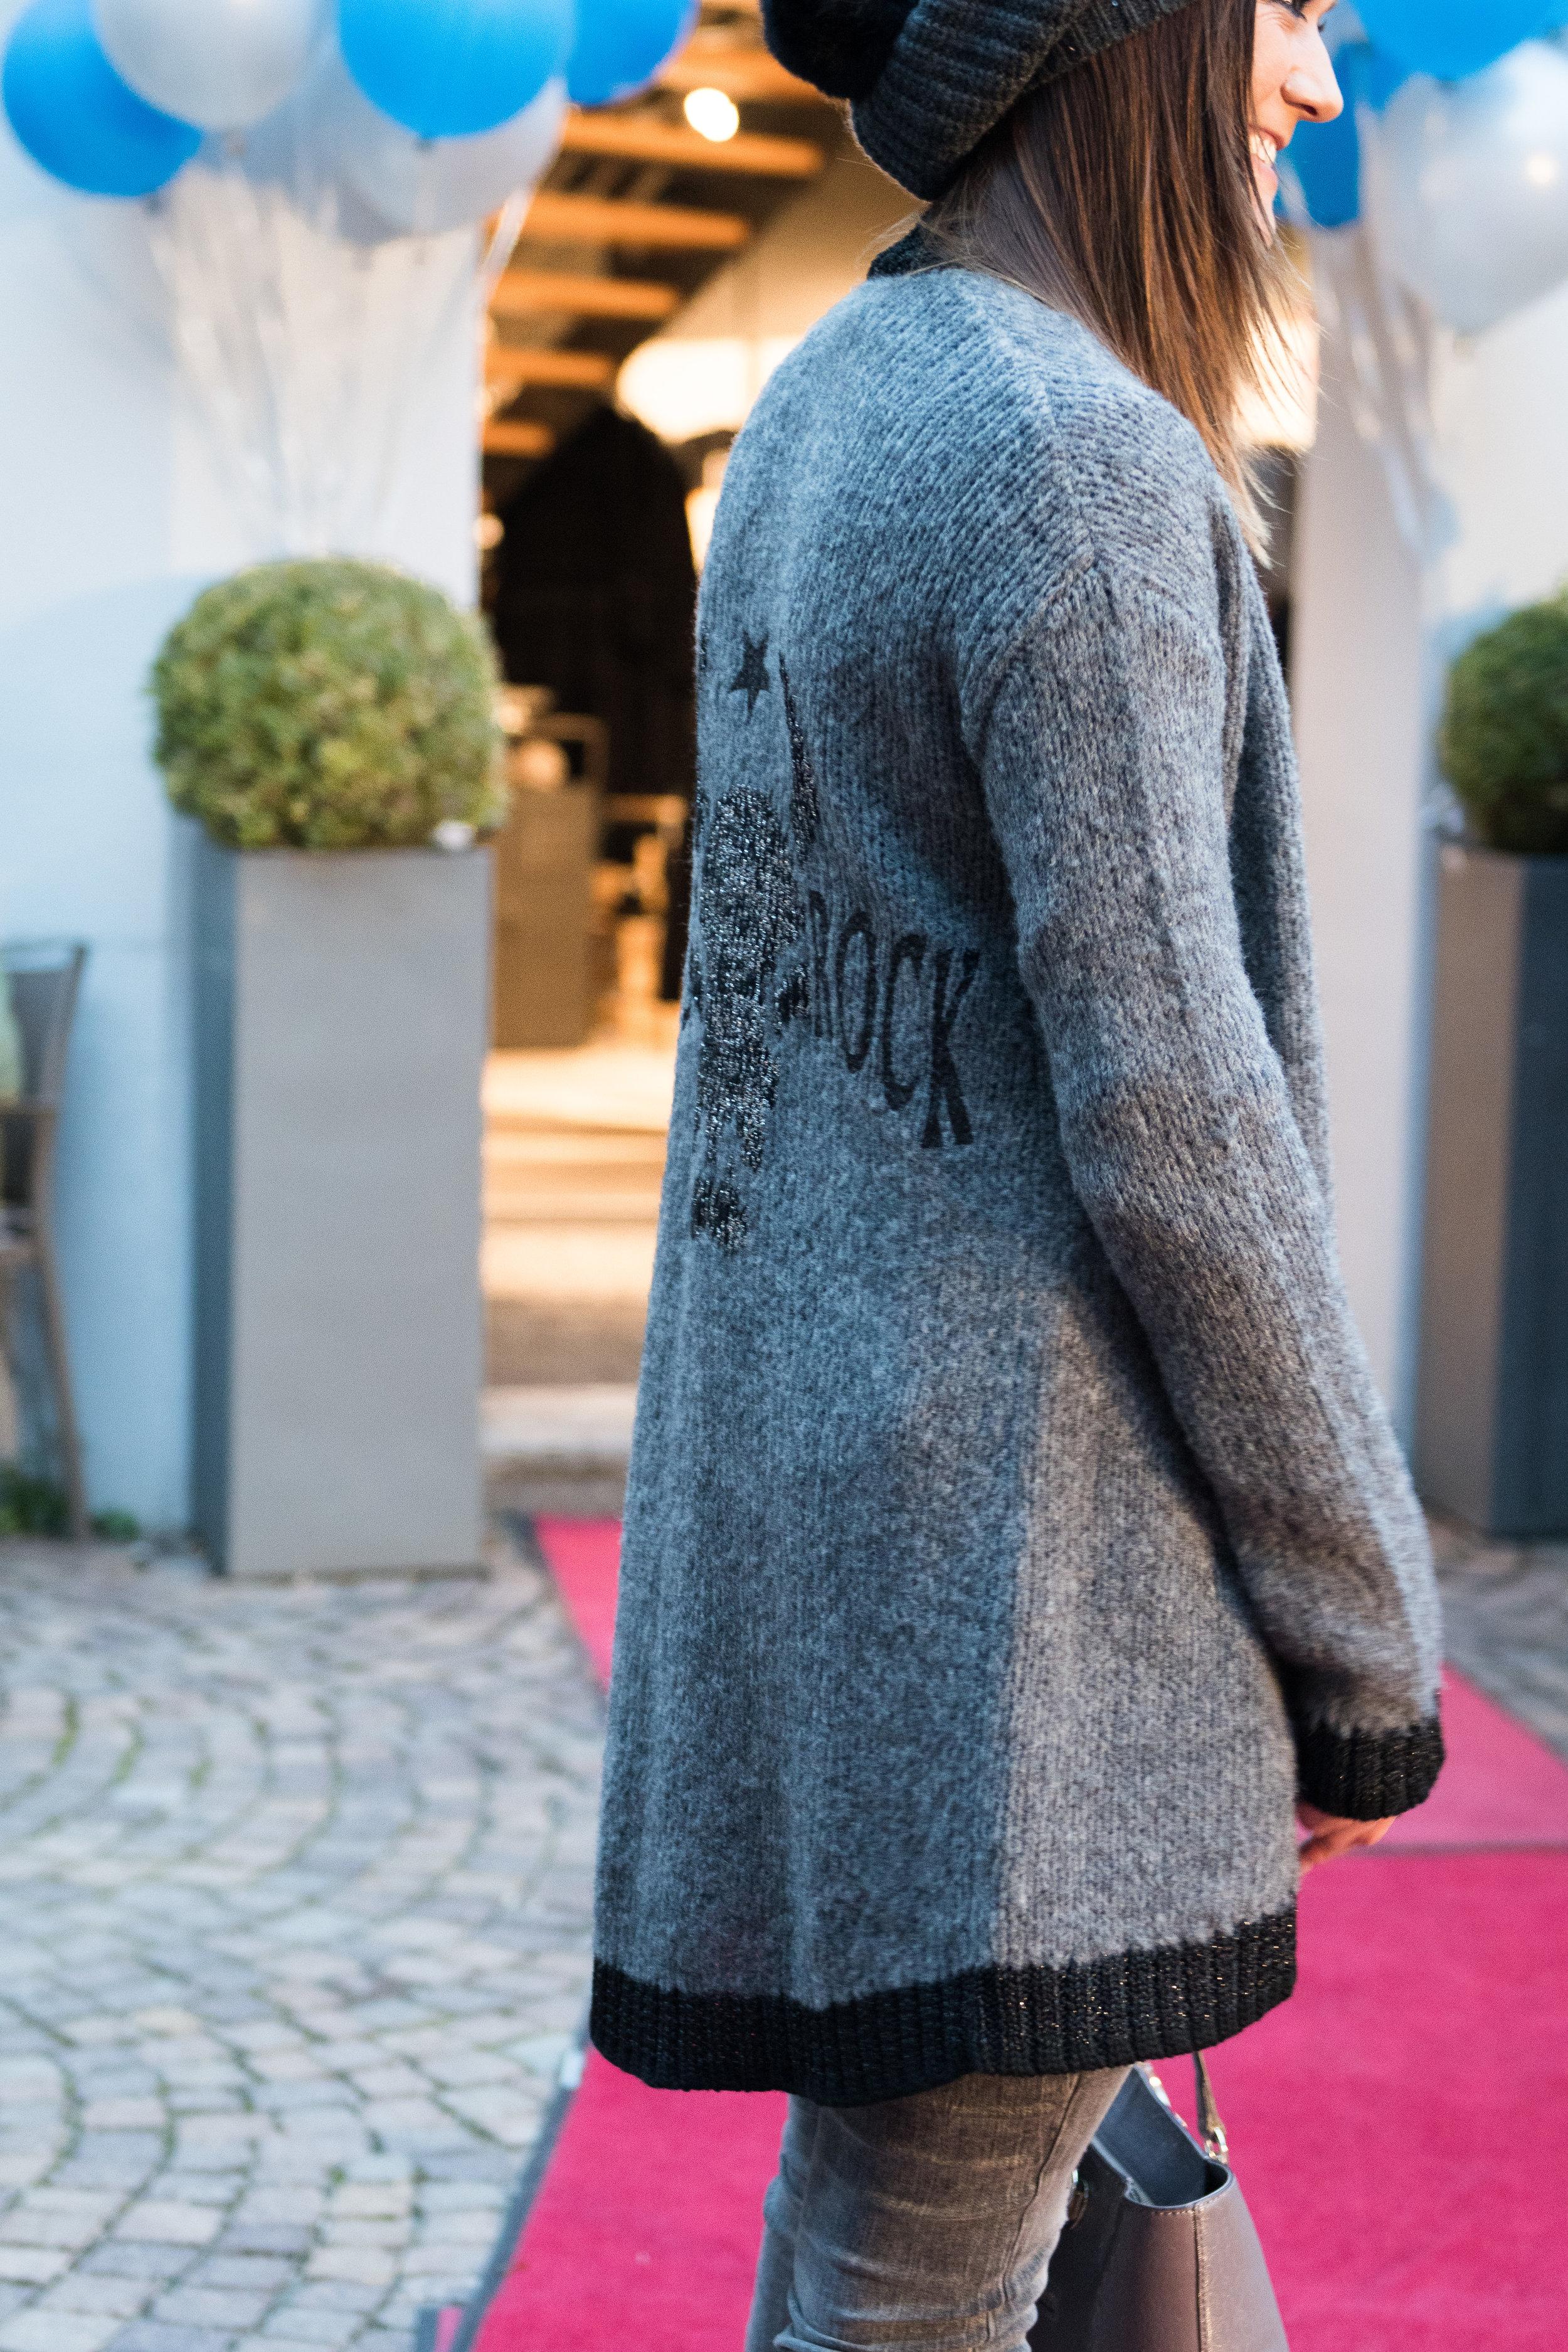 Fashionshowbackstage_64.jpg